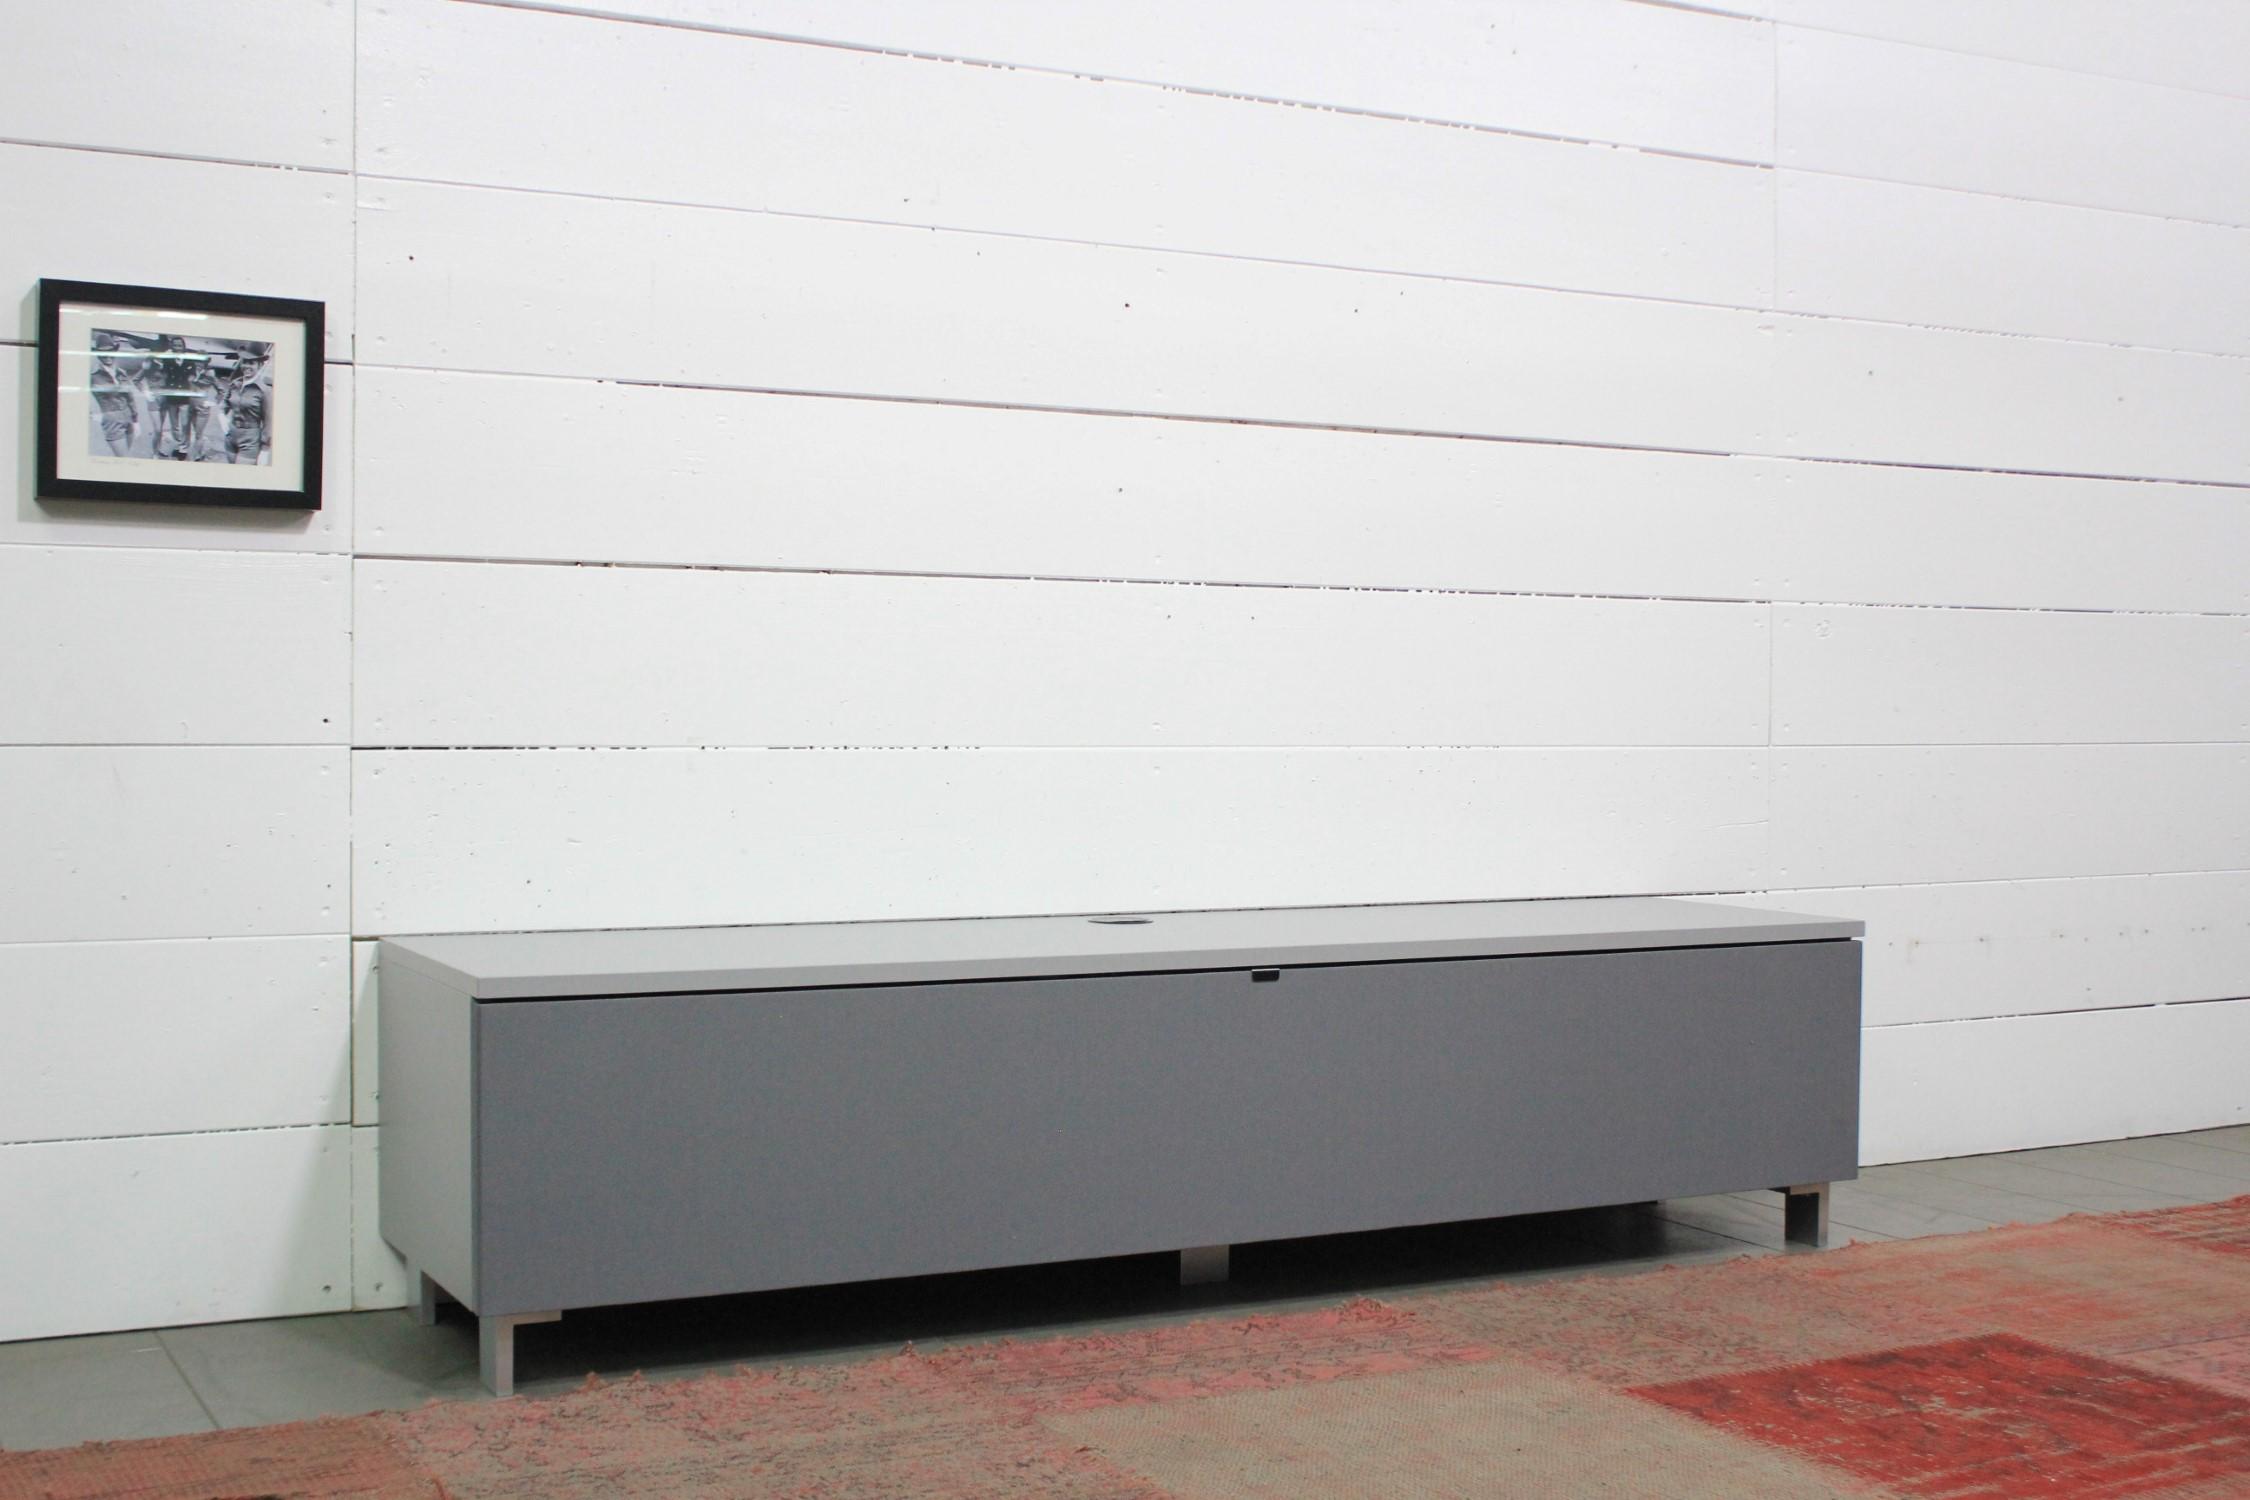 JRB1604-GR Lowboard für Soundbar Integration inkl. Soundbarhalterung